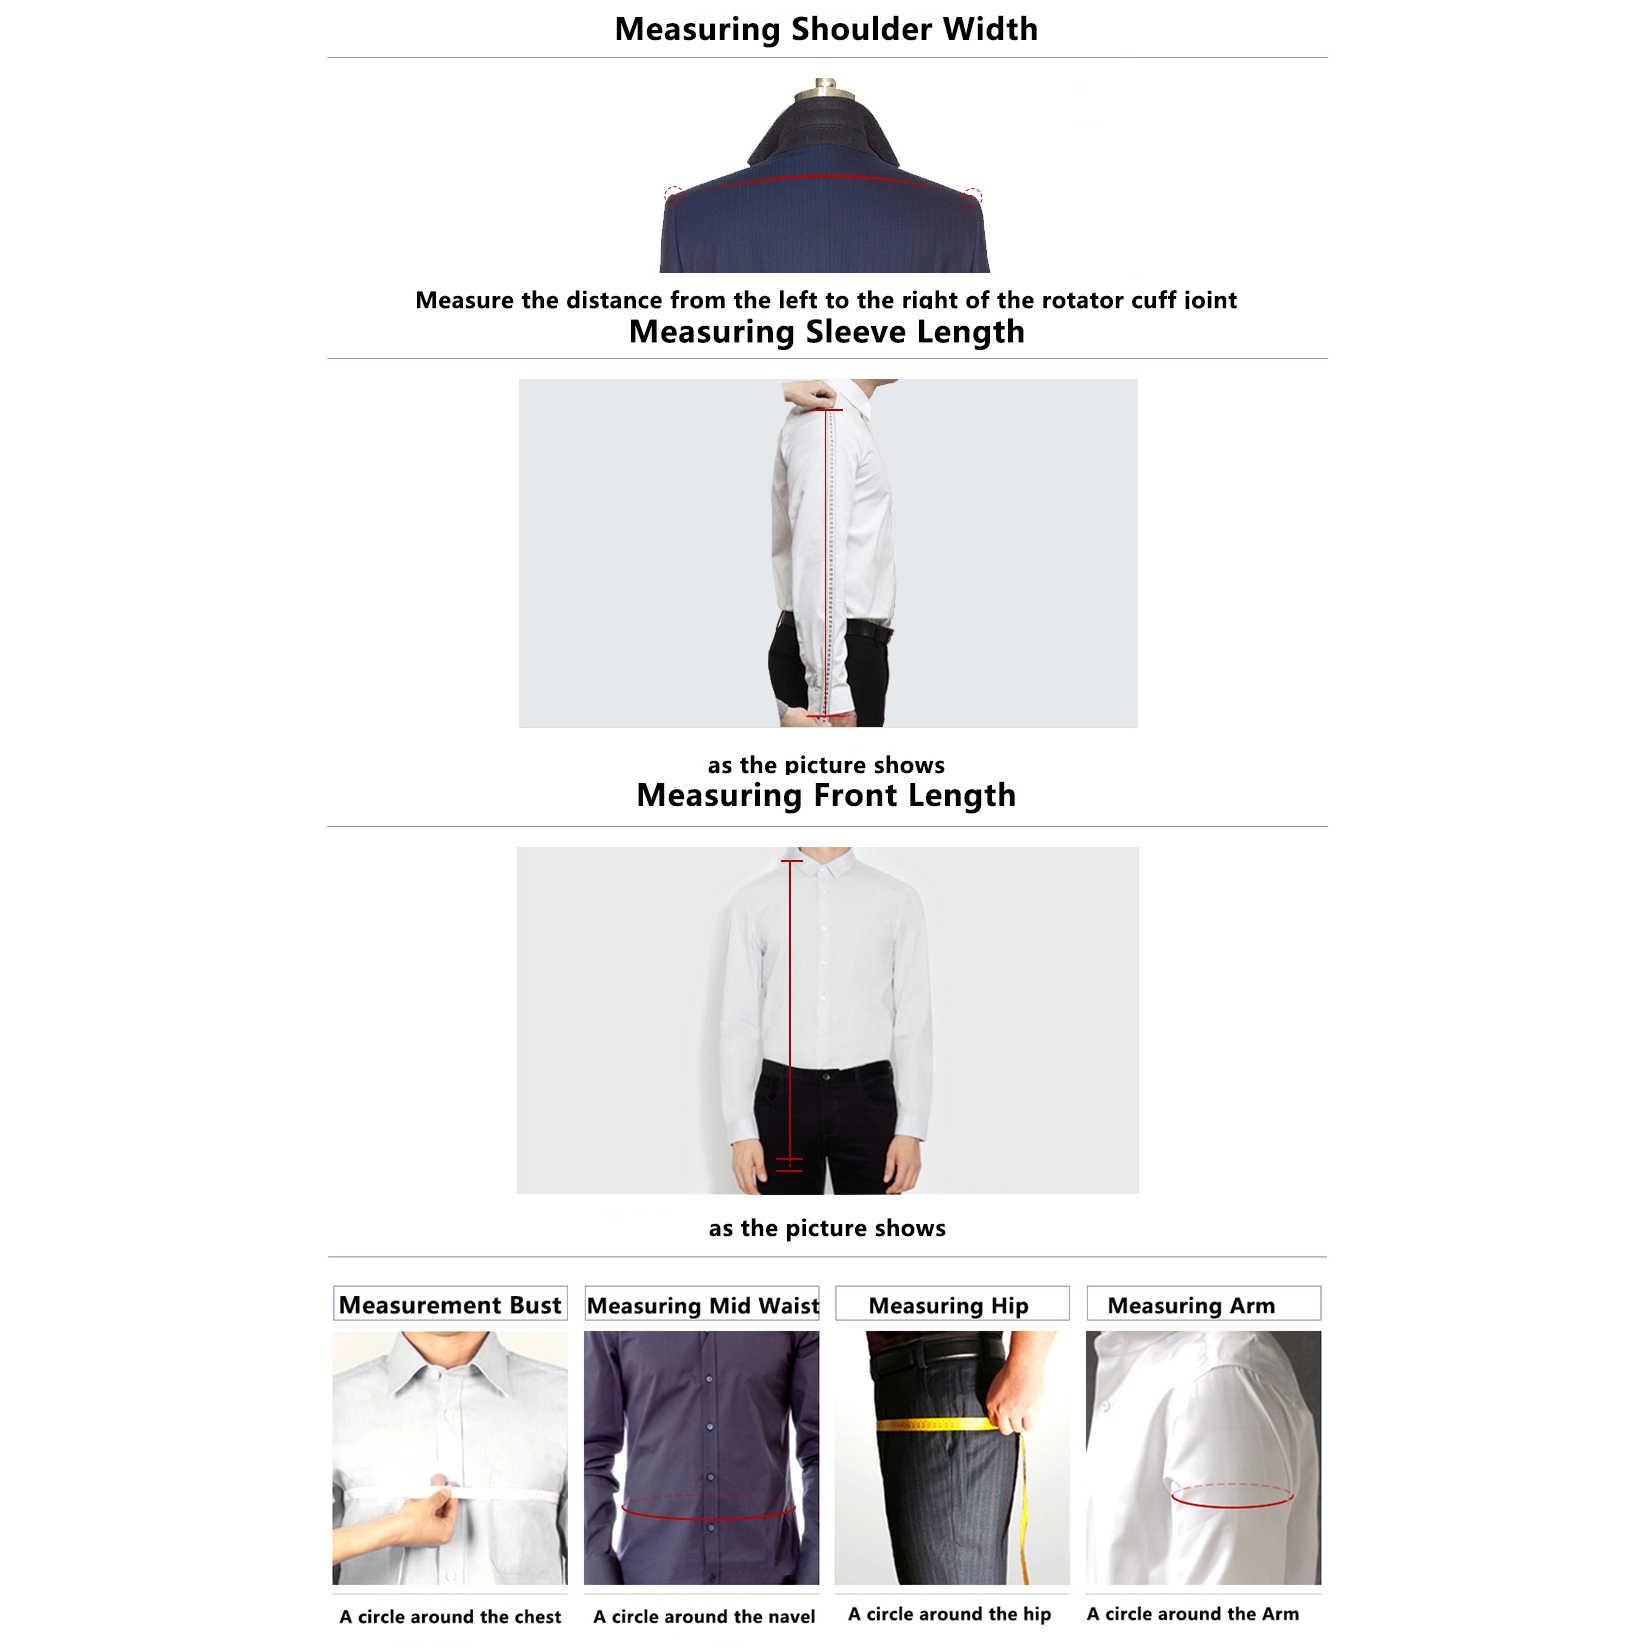 OSCN7 青のチェック柄カスタムメイドスーツ男性スリムフィットウェディングパーティーメンズオーダーメイドスーツファッション 3 ピーススーツ ZM-494 496 497 503 512